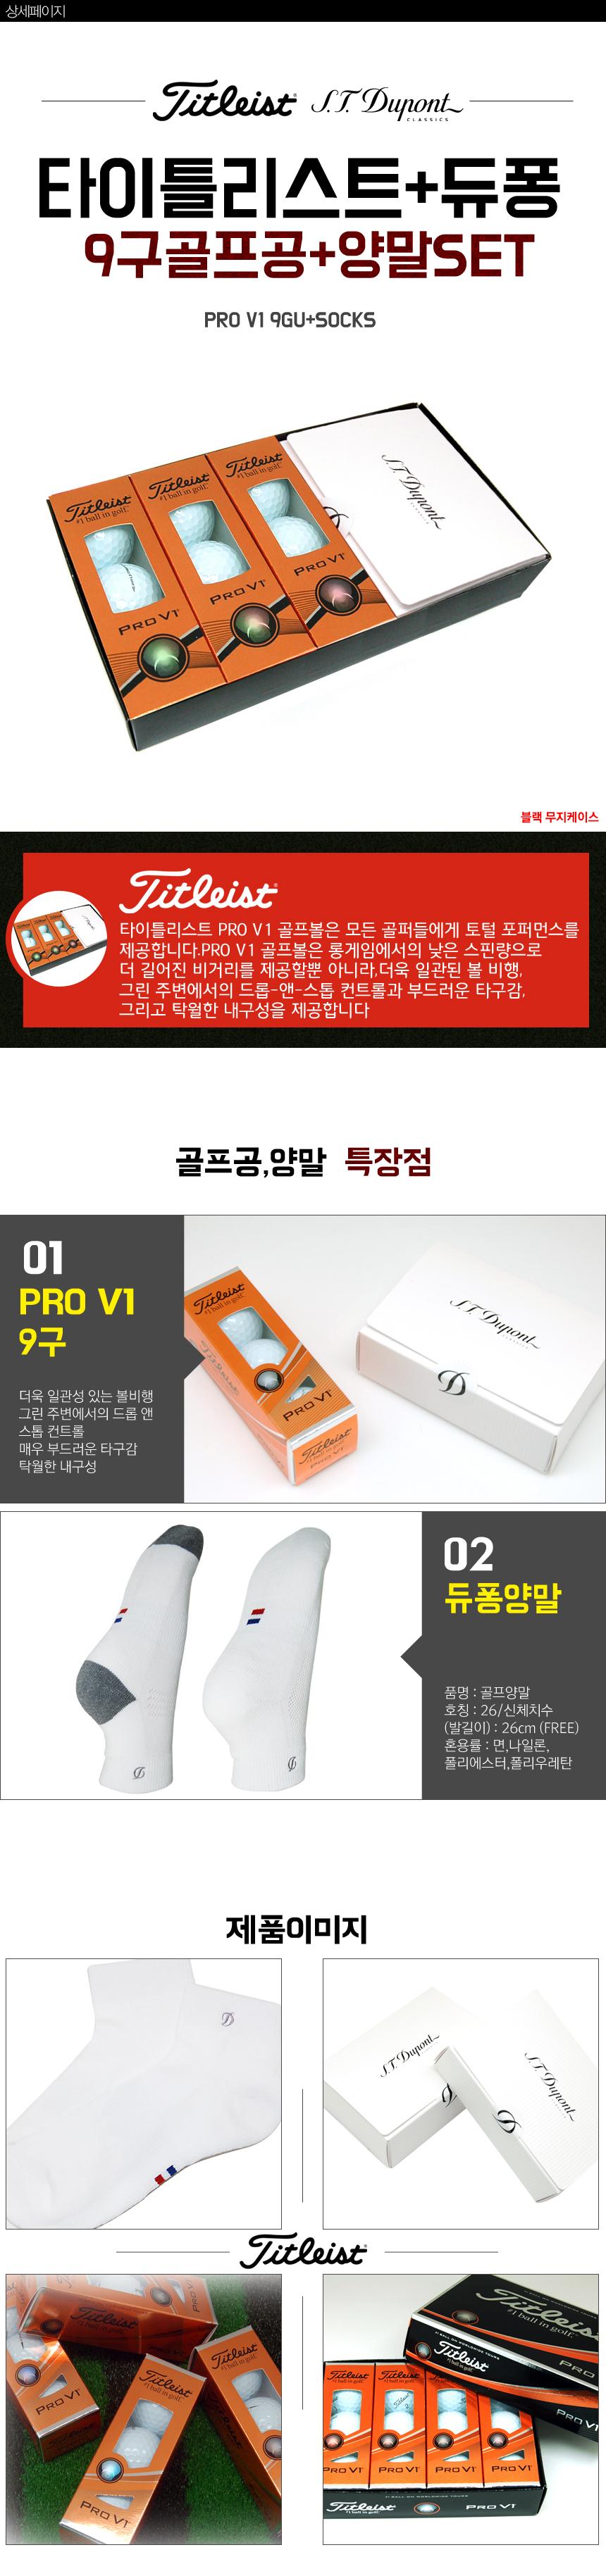 PRO-V1-9구.jpg